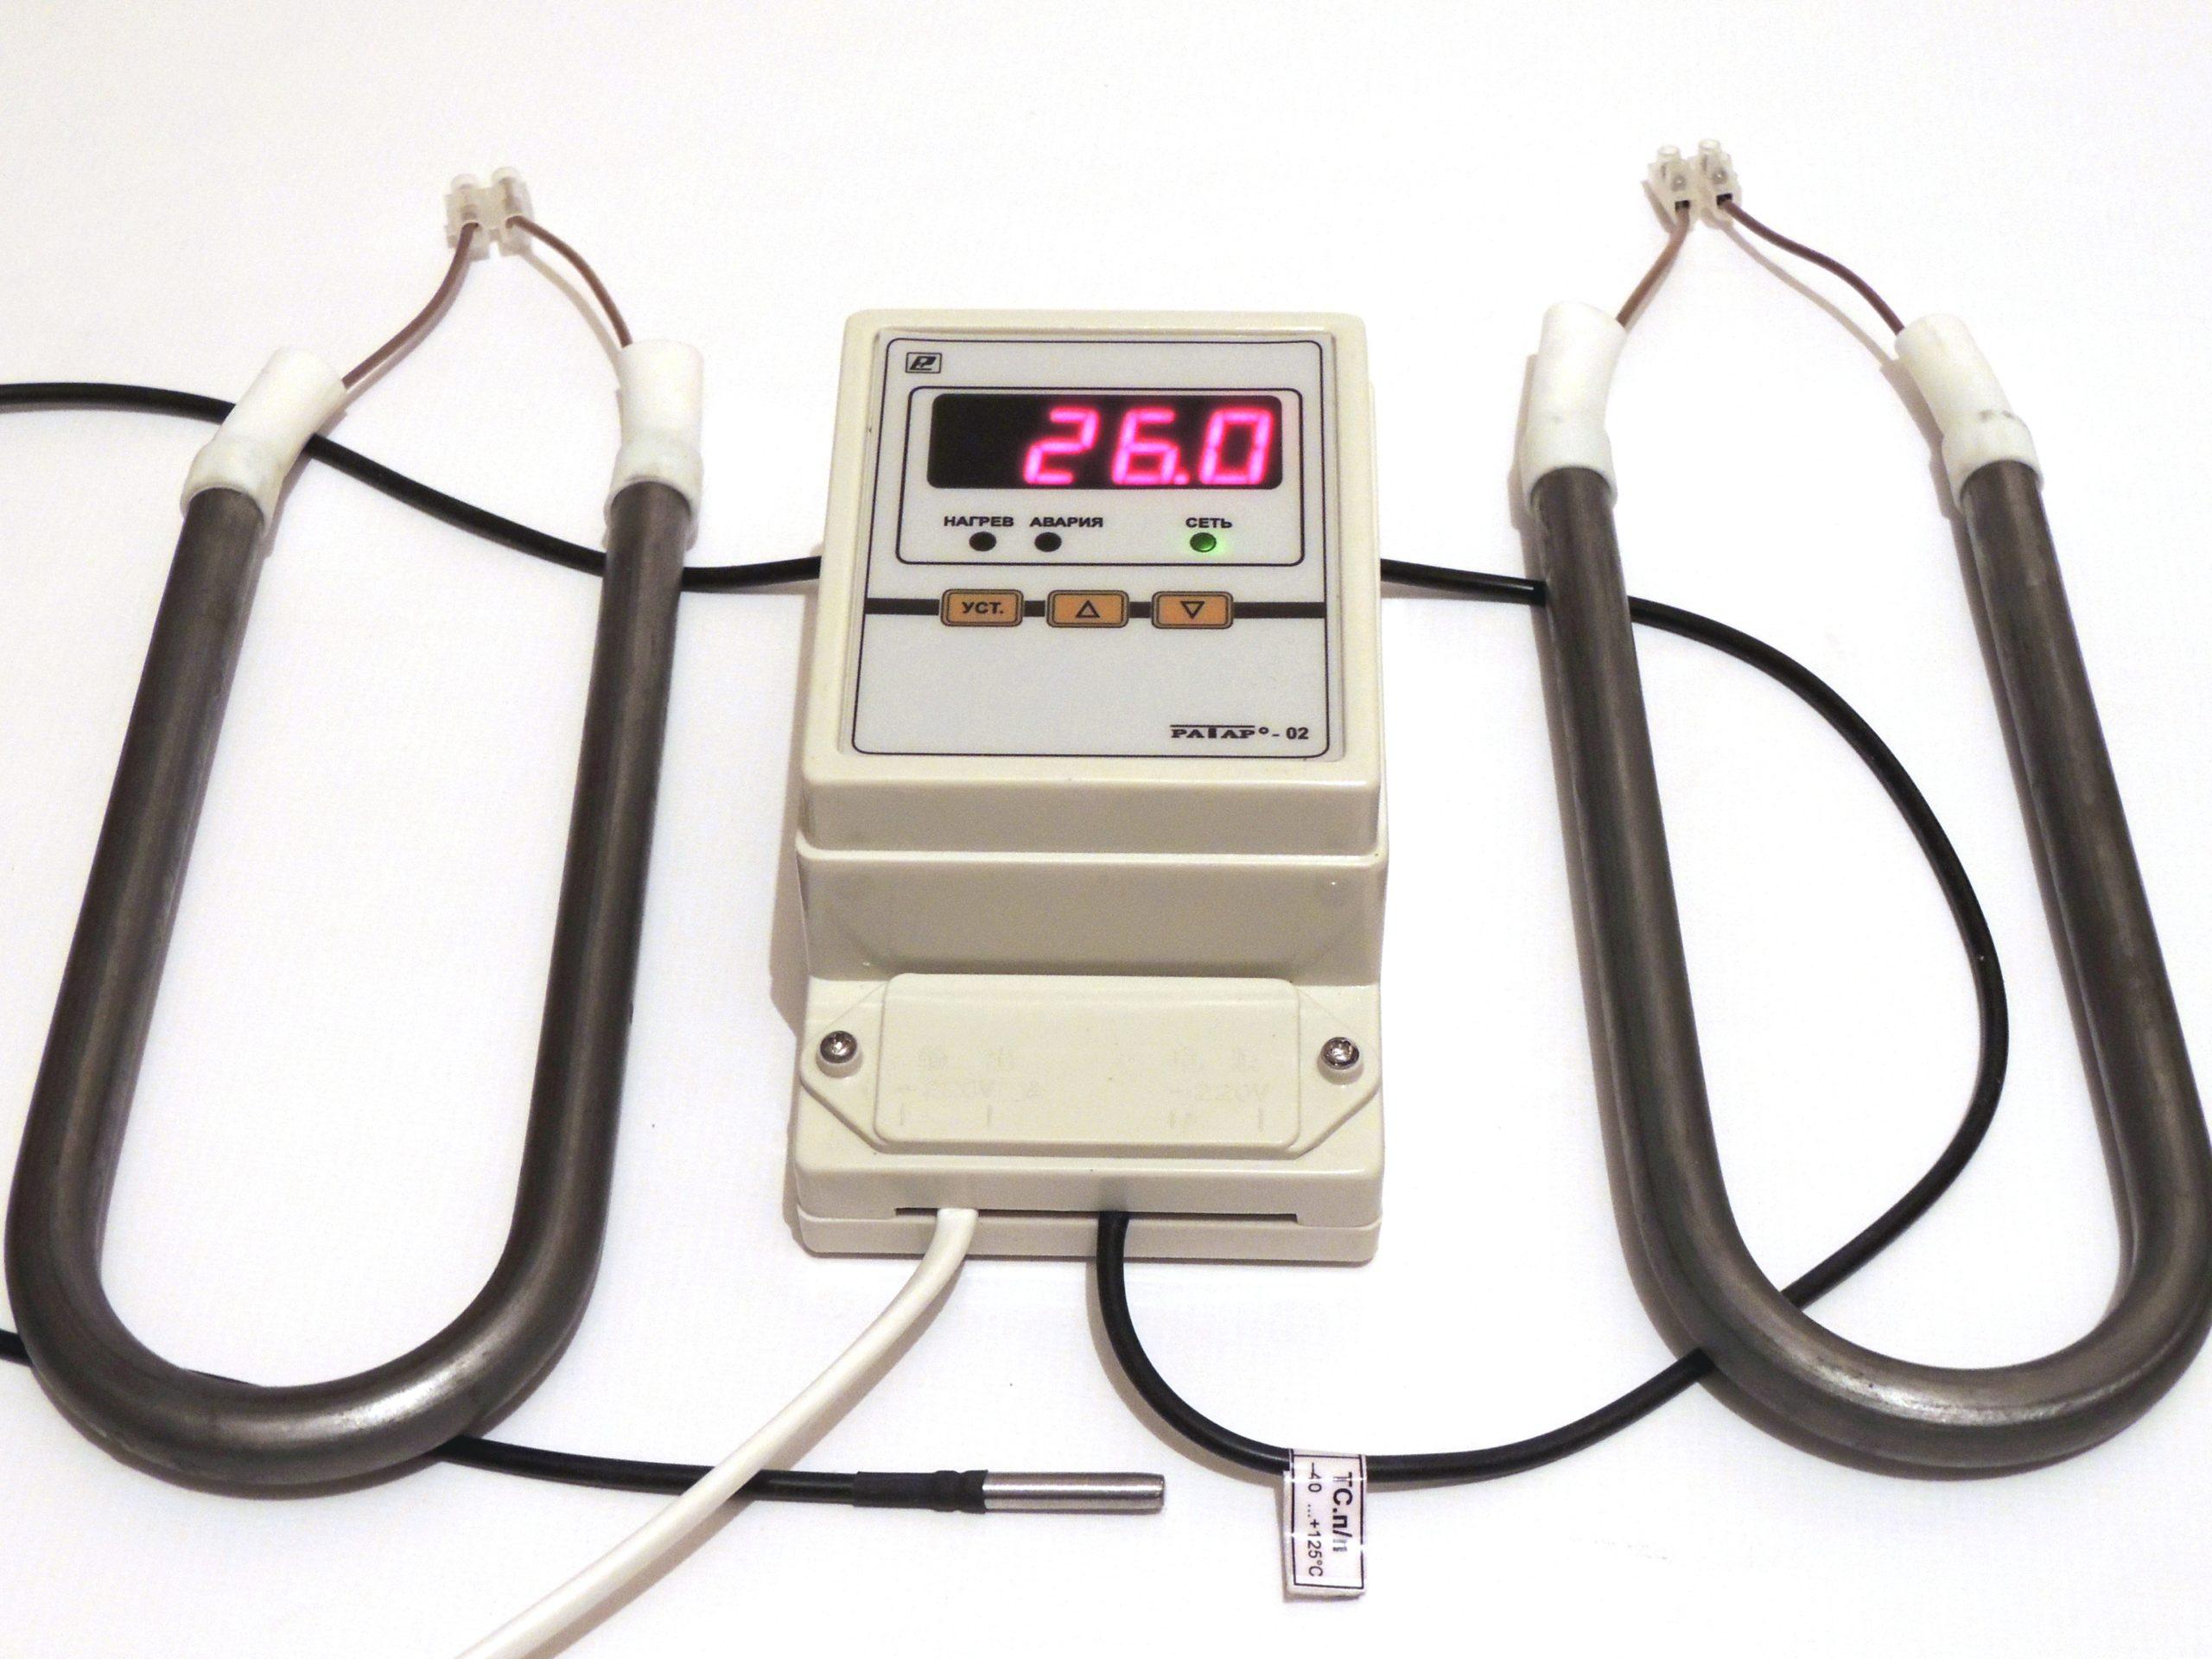 Терморегулятор с нагревателем (термостаты) для обогрева балконного погреба, ящика